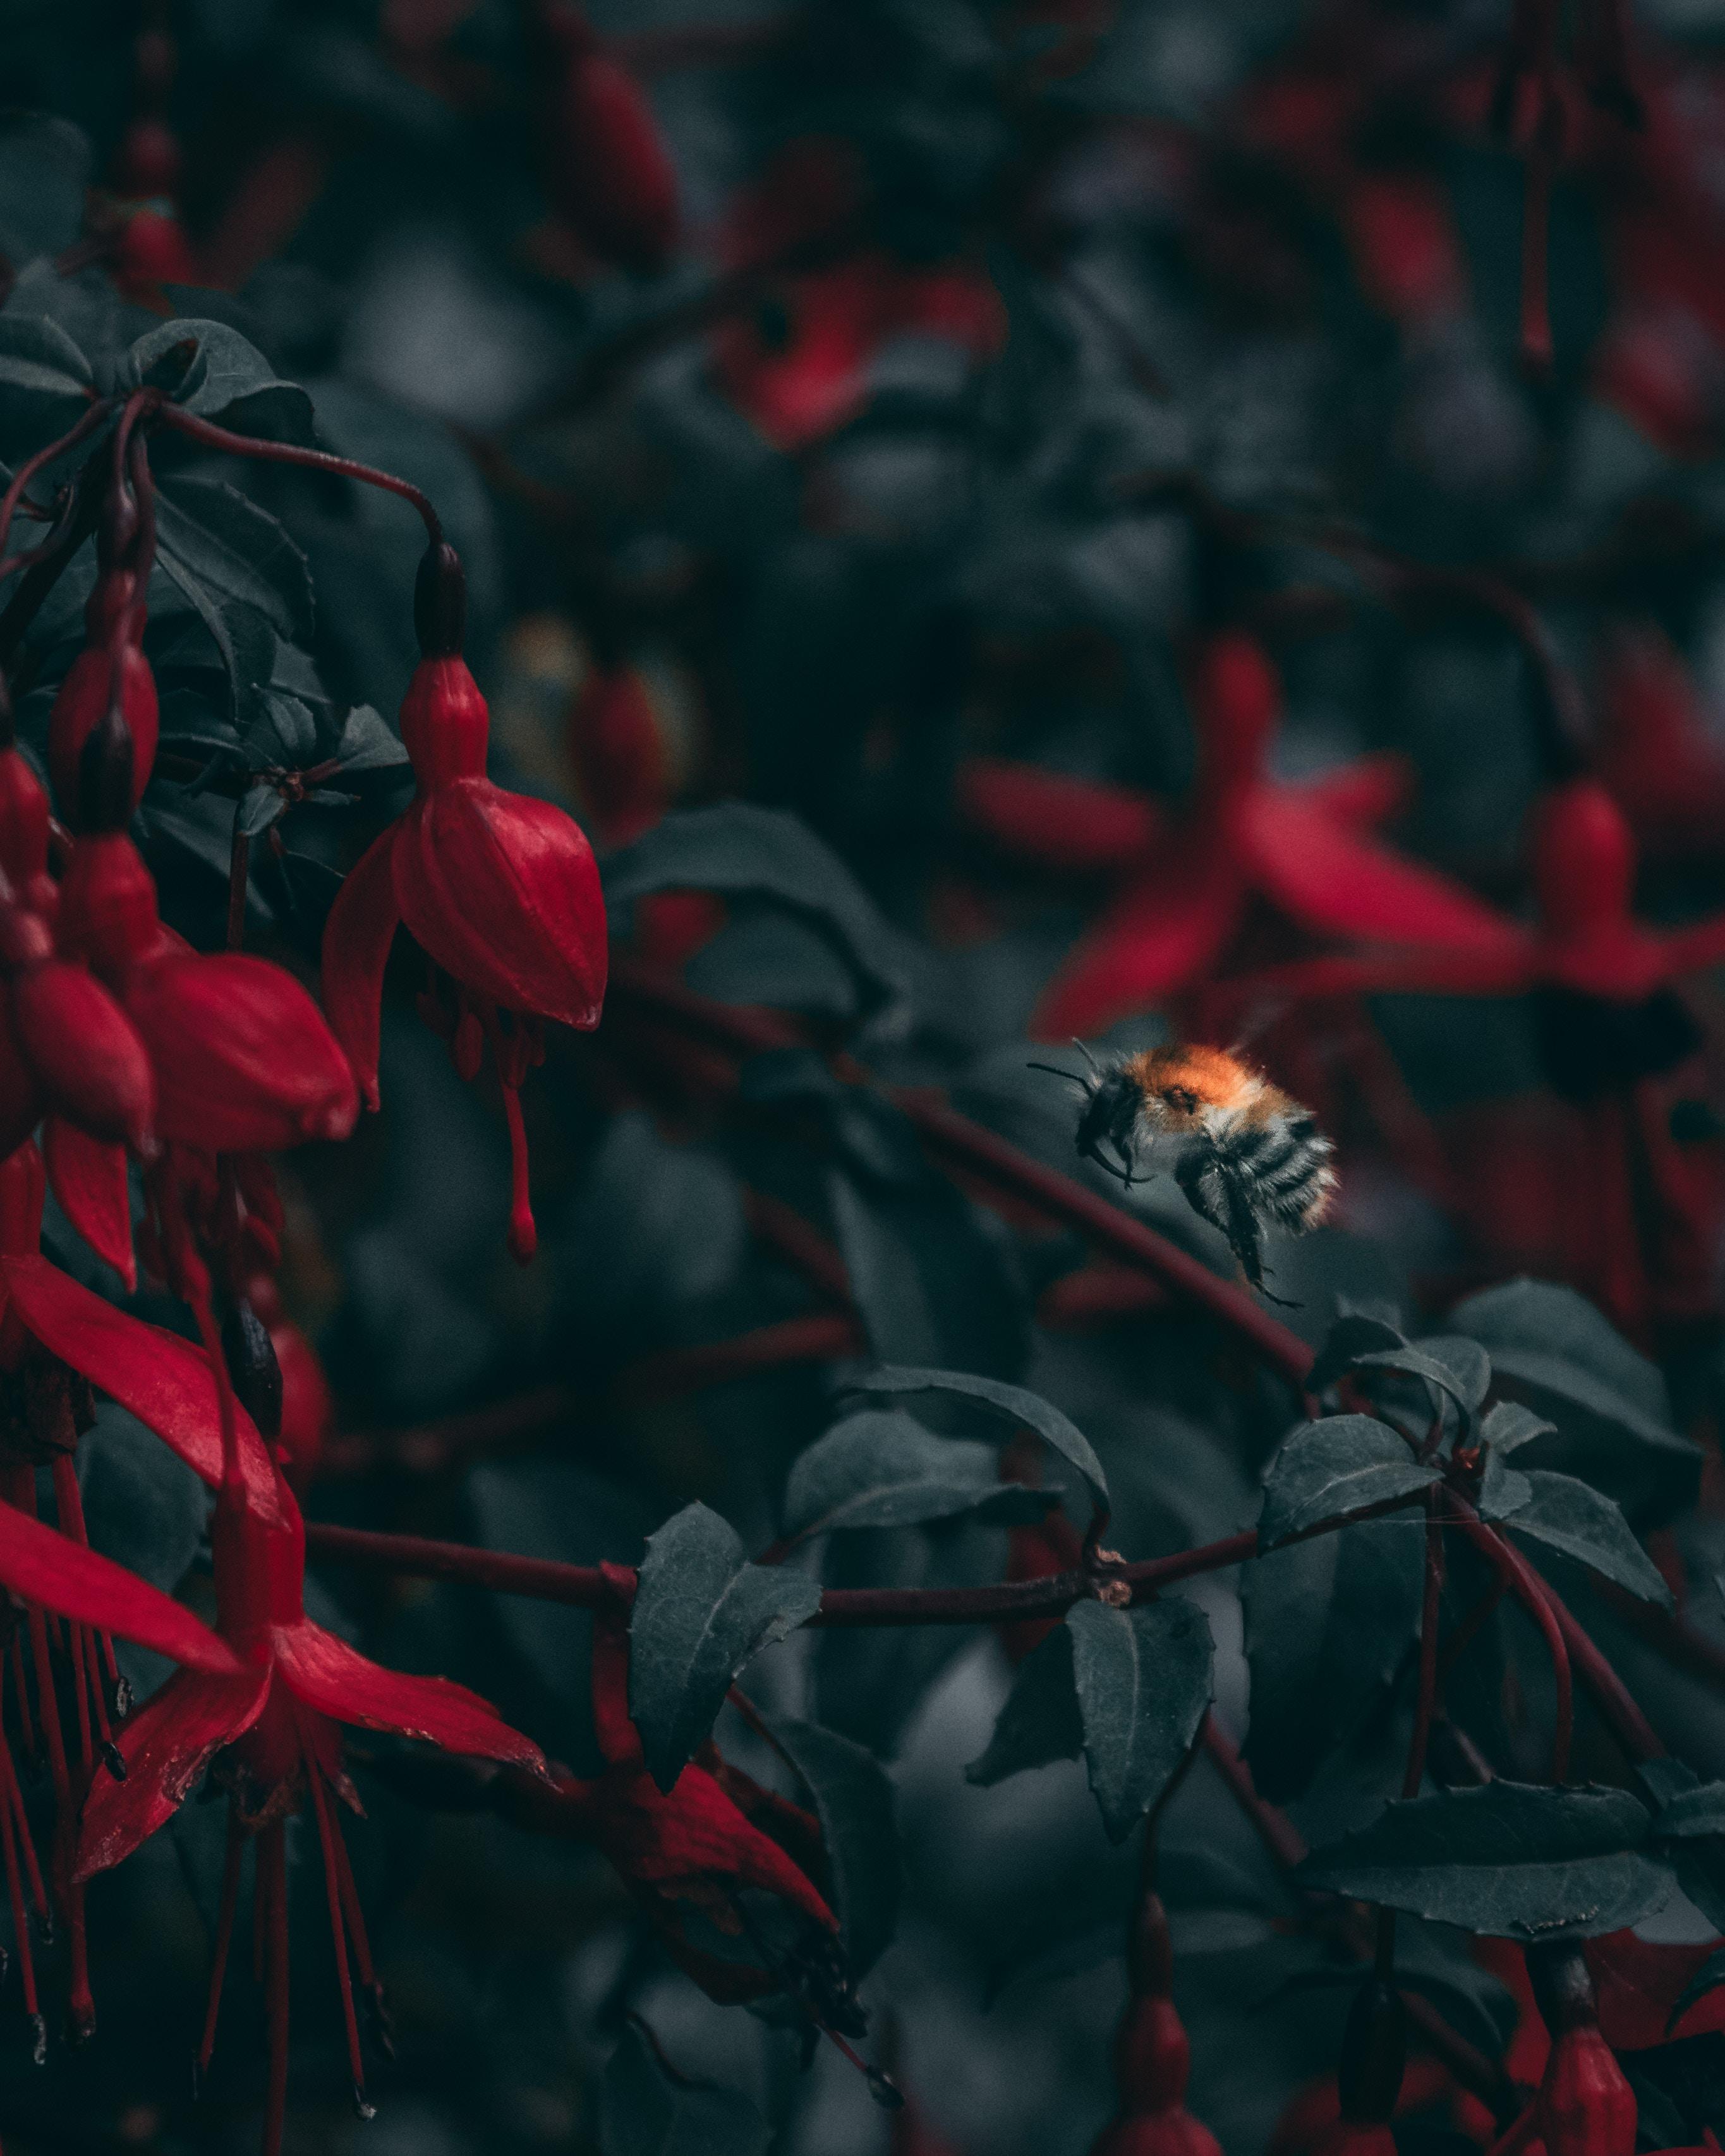 手機的89768屏保和壁紙昆虫。 免費下載 宏, 蜜蜂, 昆虫, 模糊, 无水, 特写, 花卉 圖片